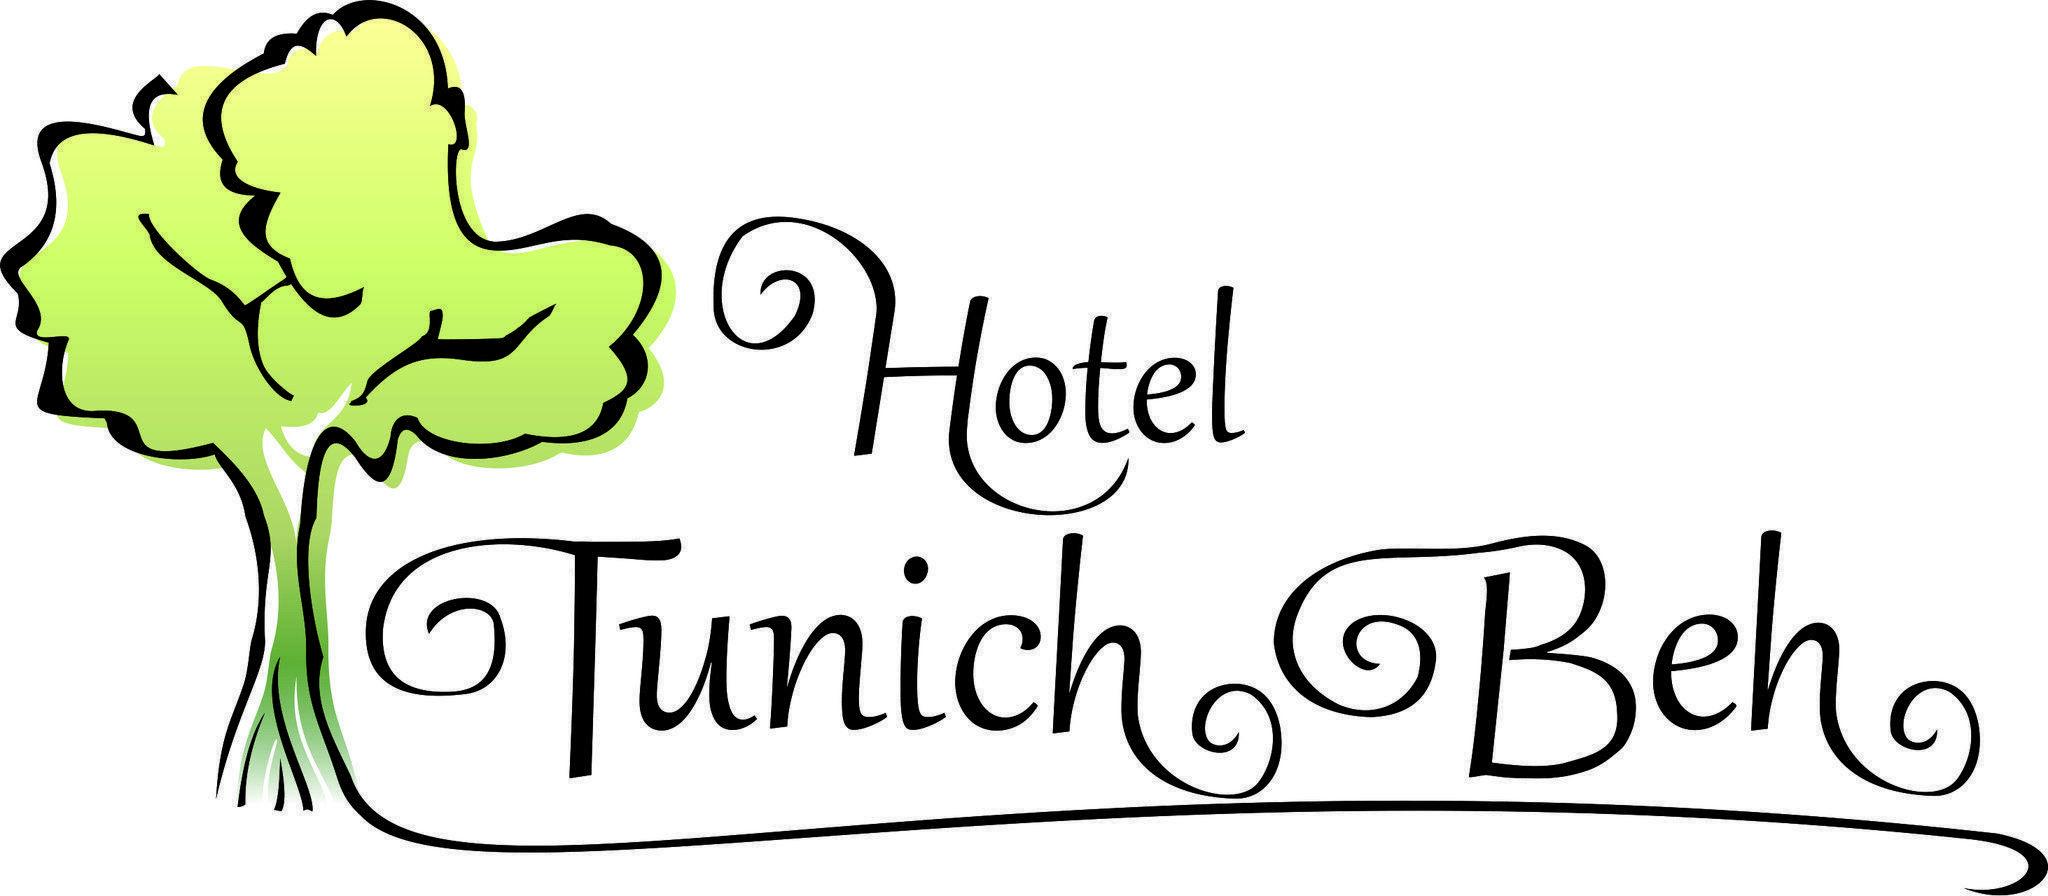 图尼施拜酒店